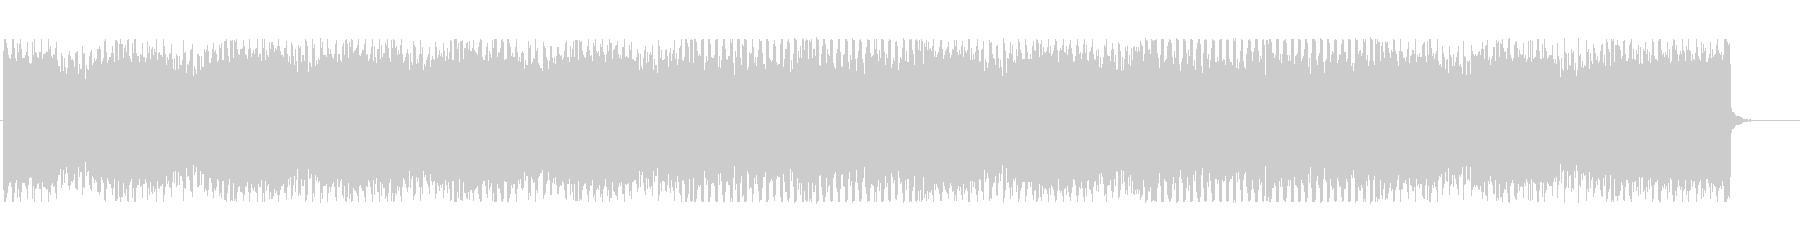 スタイリッシュなテクノBGMの未再生の波形